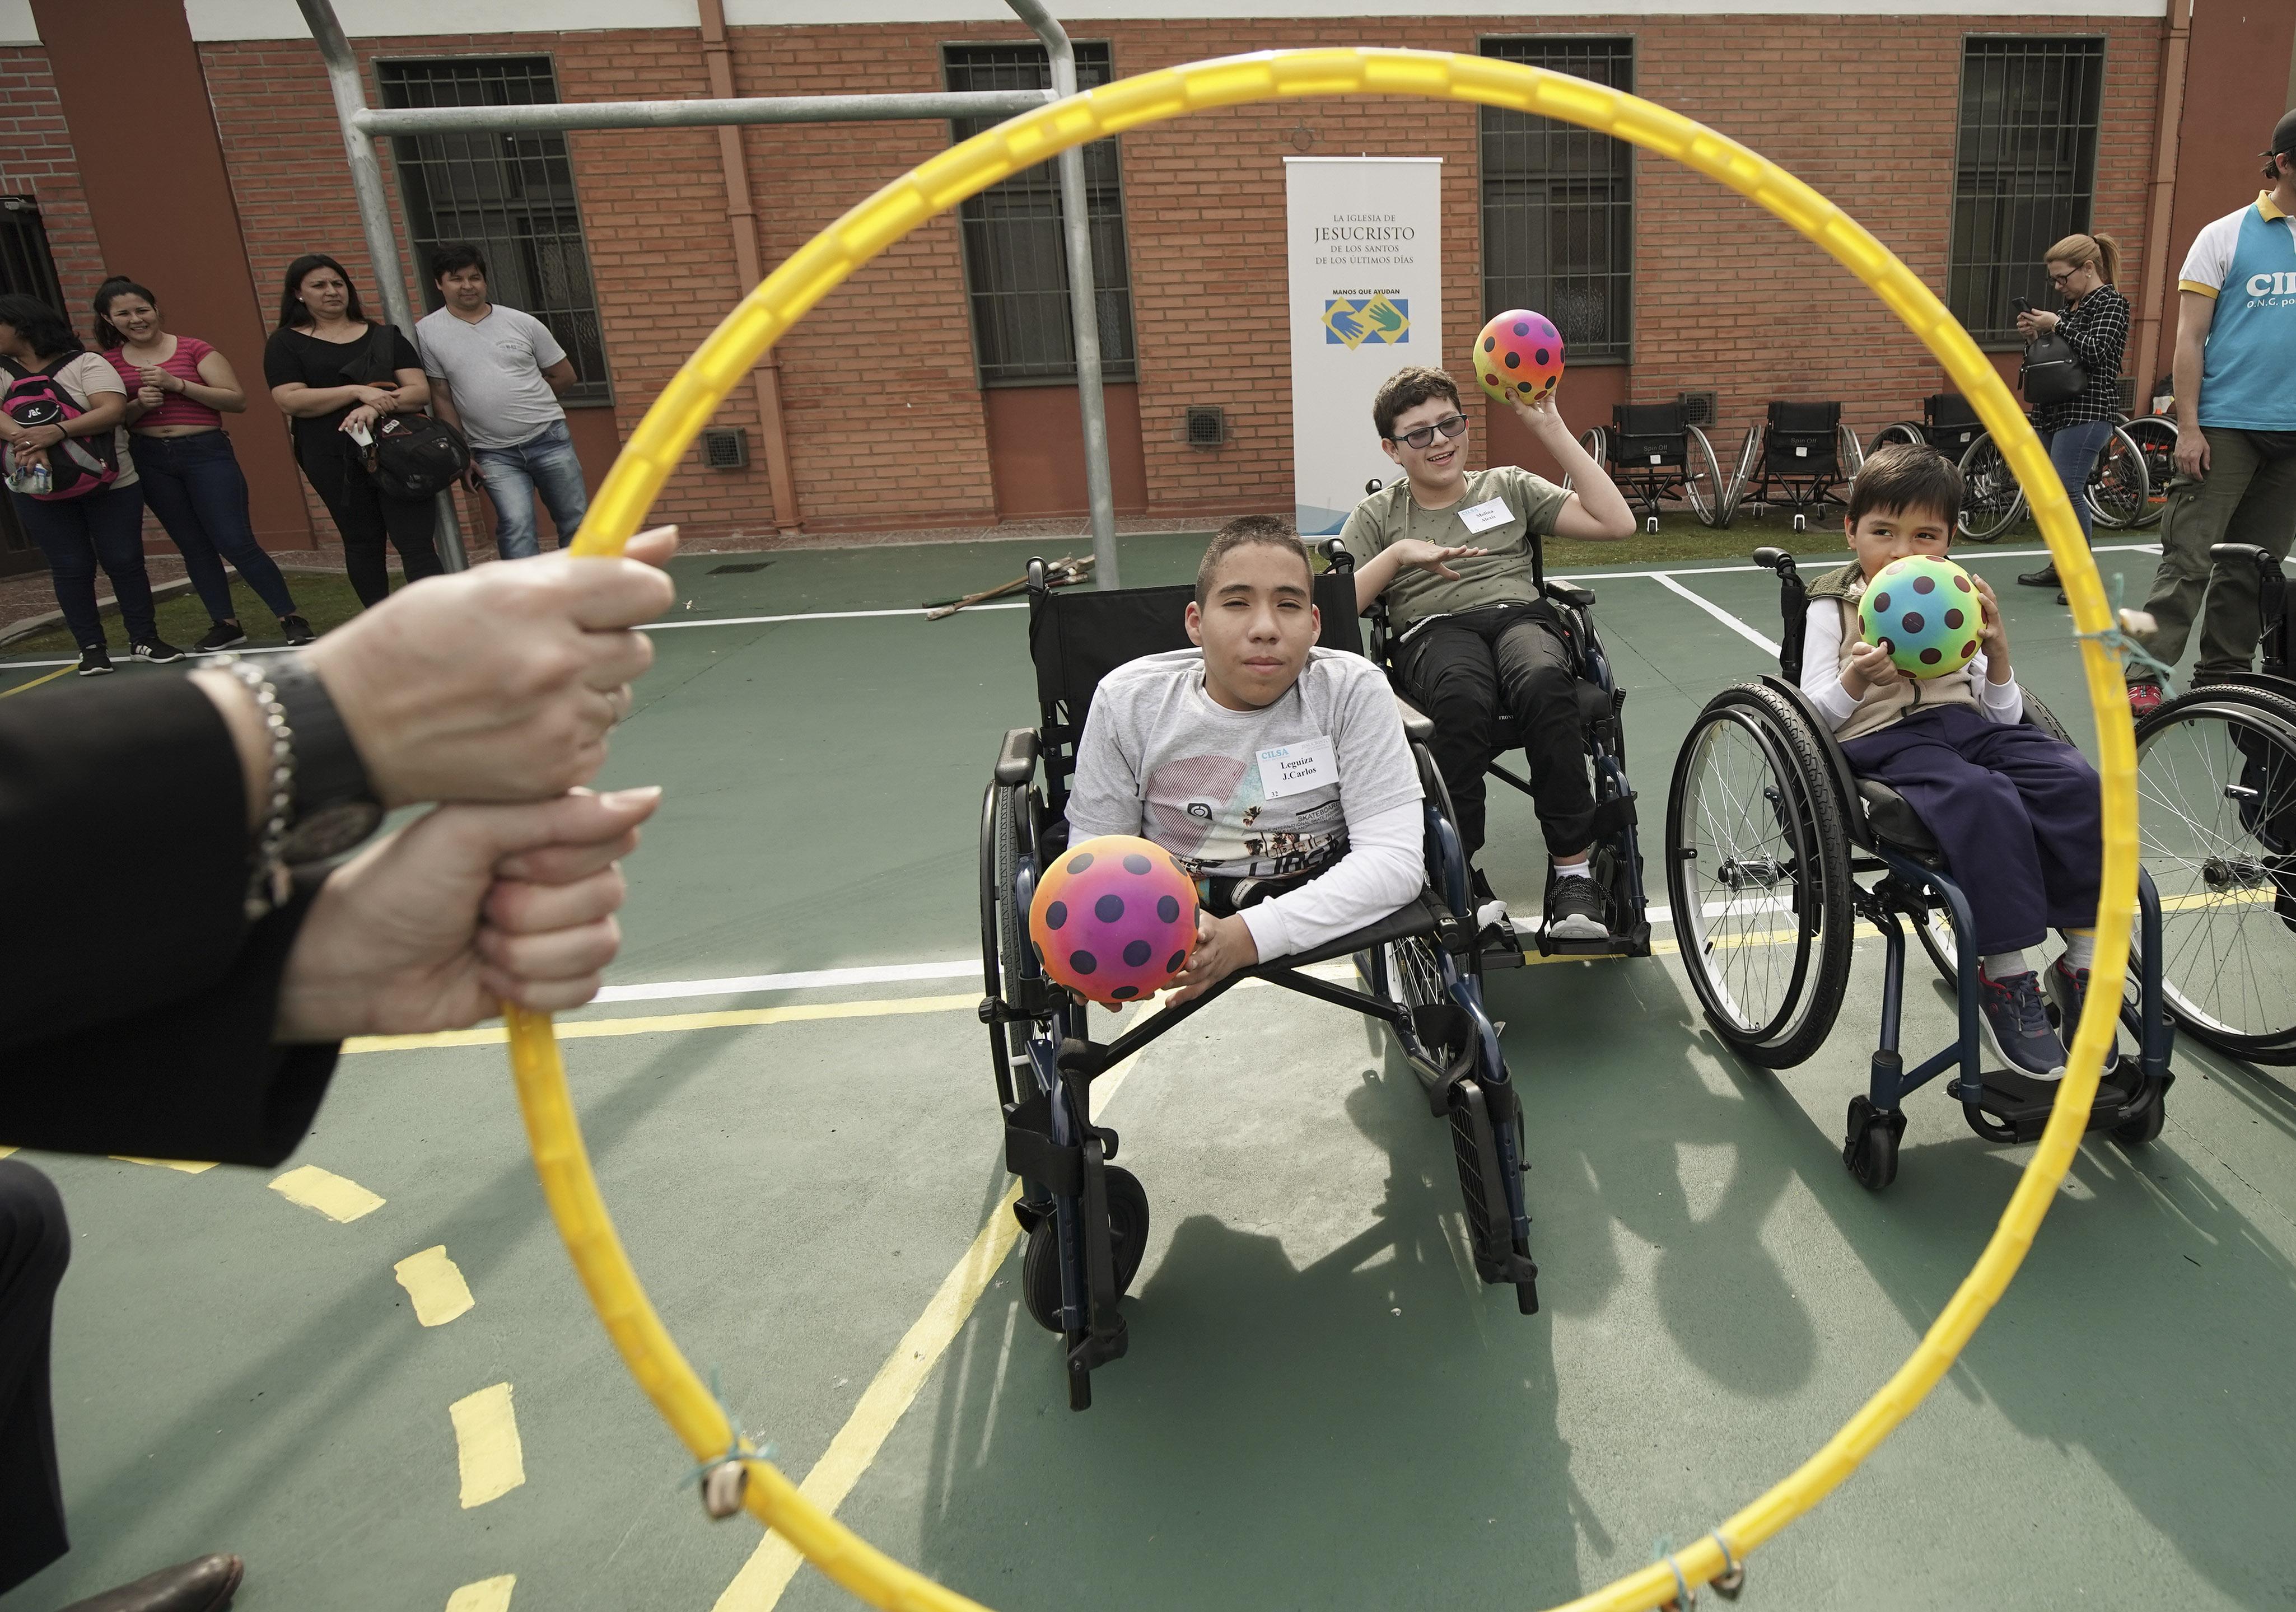 Juan Carlos Loza juega un juego después de que Latter-day Saint Charities le donara una silla de ruedas en el centro de reuniones del Barrio de Villa Urquiza en Buenos Aires, Argentina, el miércoles, 28 de agosto de 2019.